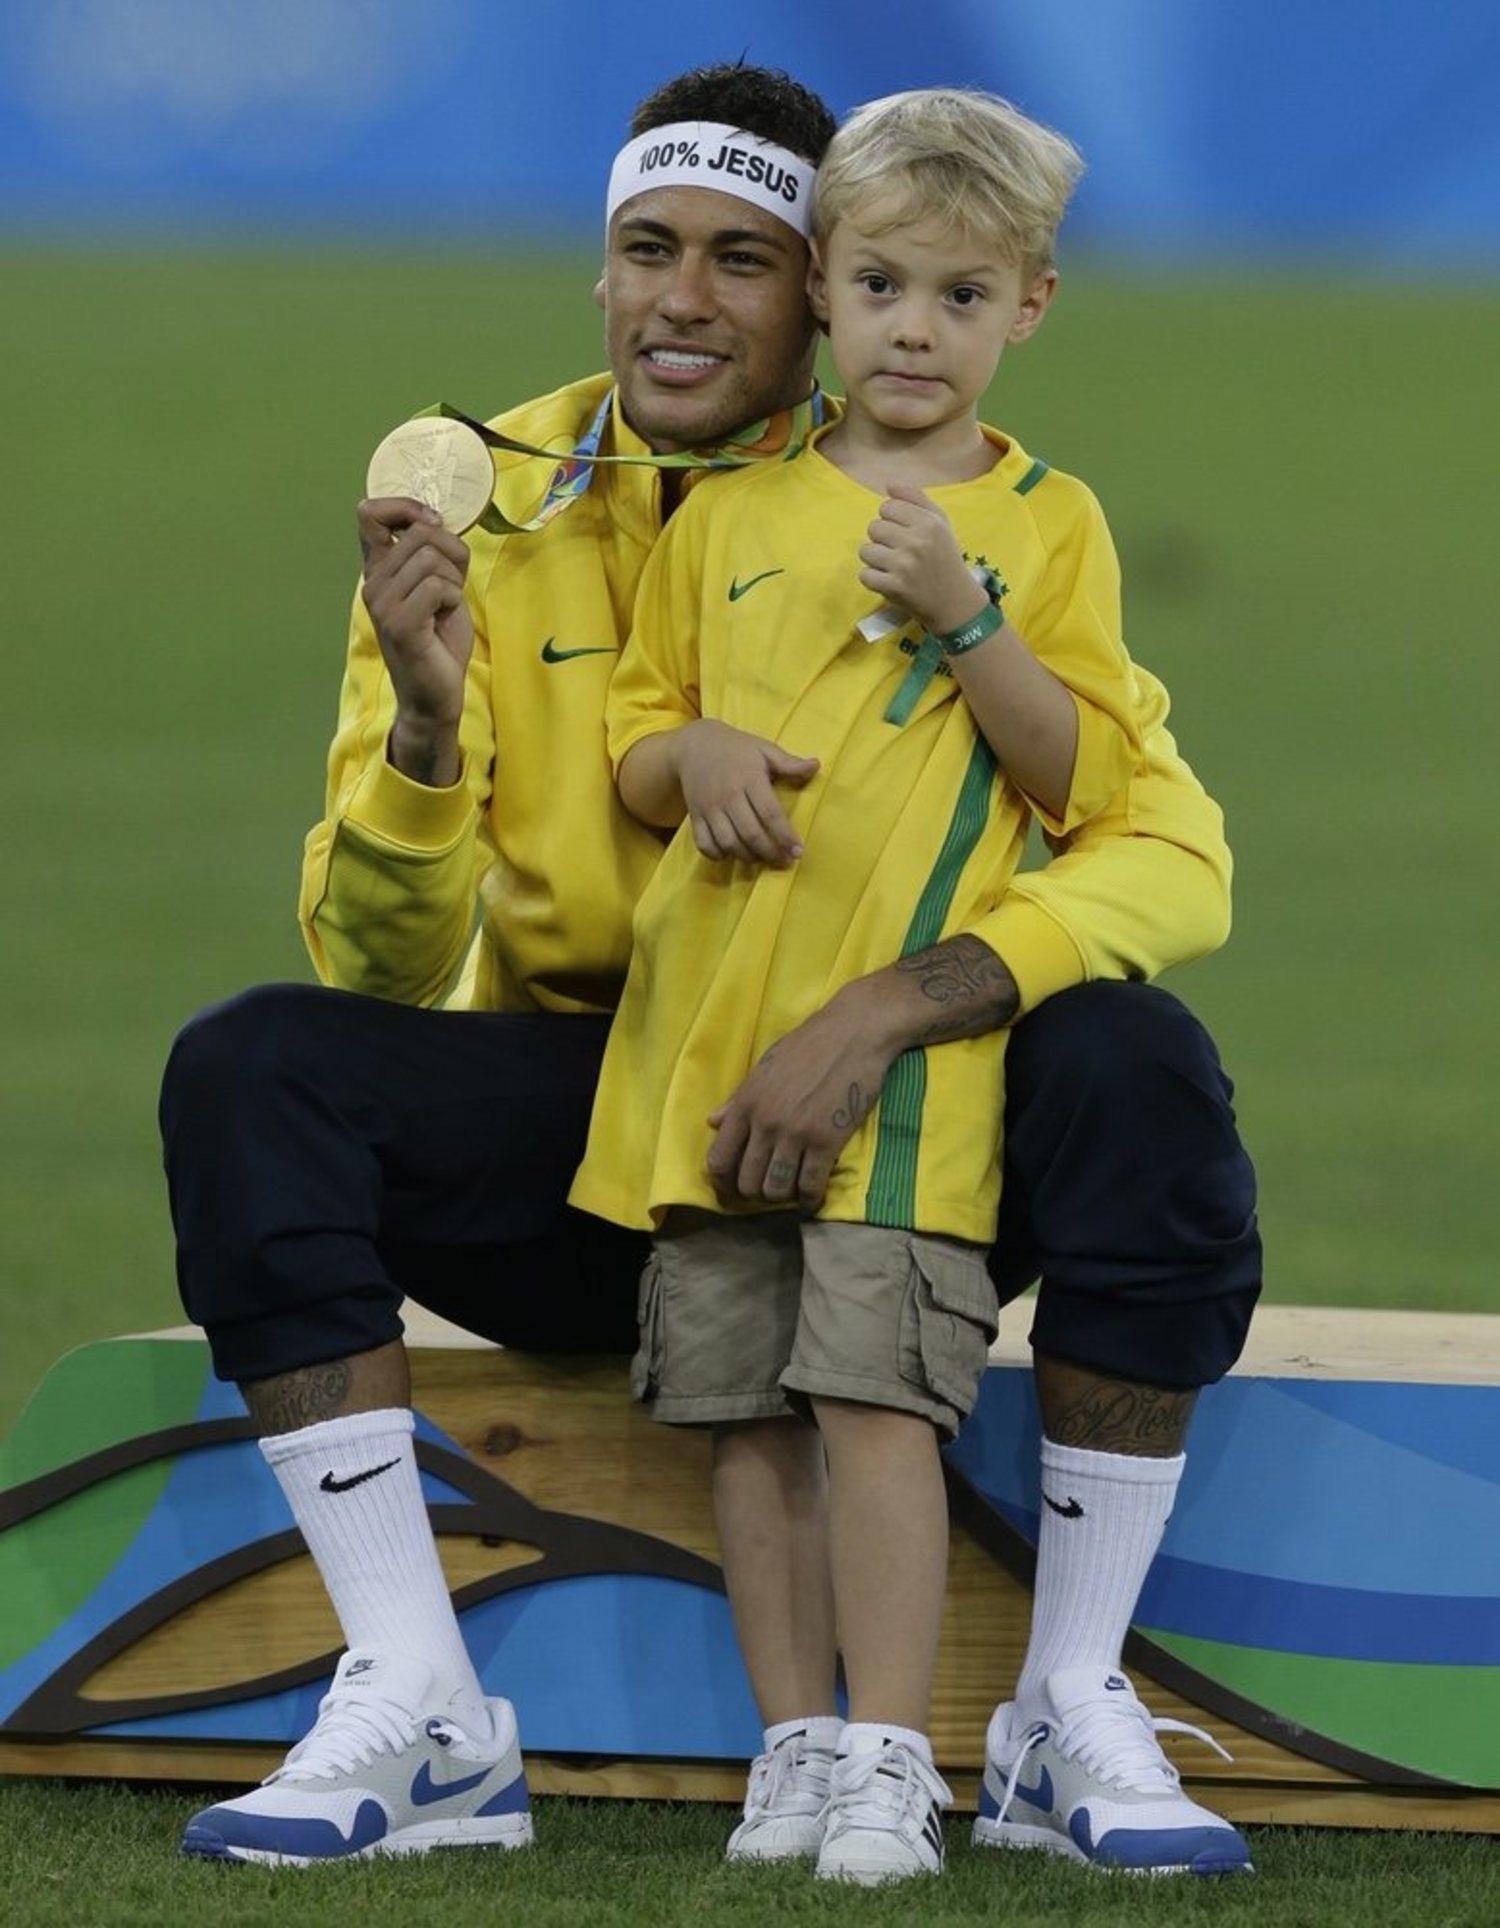 Neymar, tras vencer los JJOO con su hijo y la cinta 100% Jesus